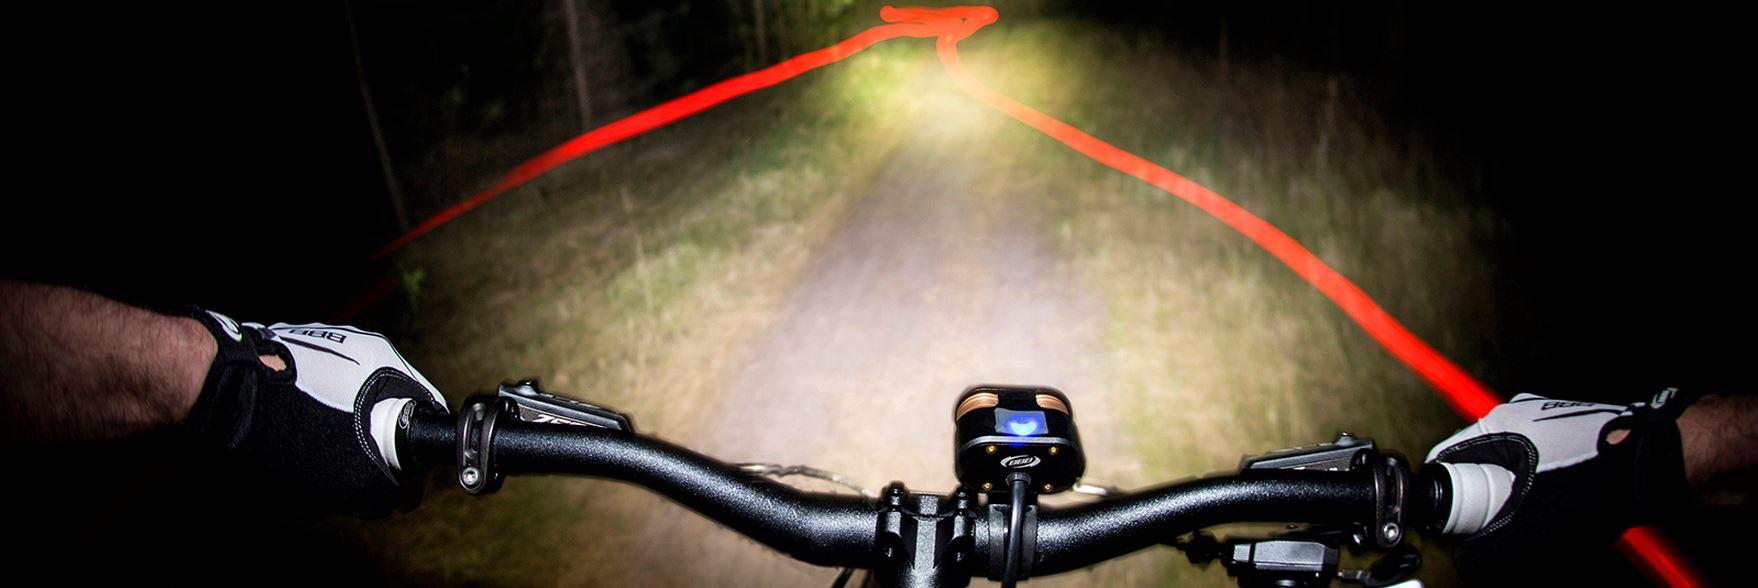 Fietsverlichting 2017 - Altijd op stap met de juist fietslamp ...